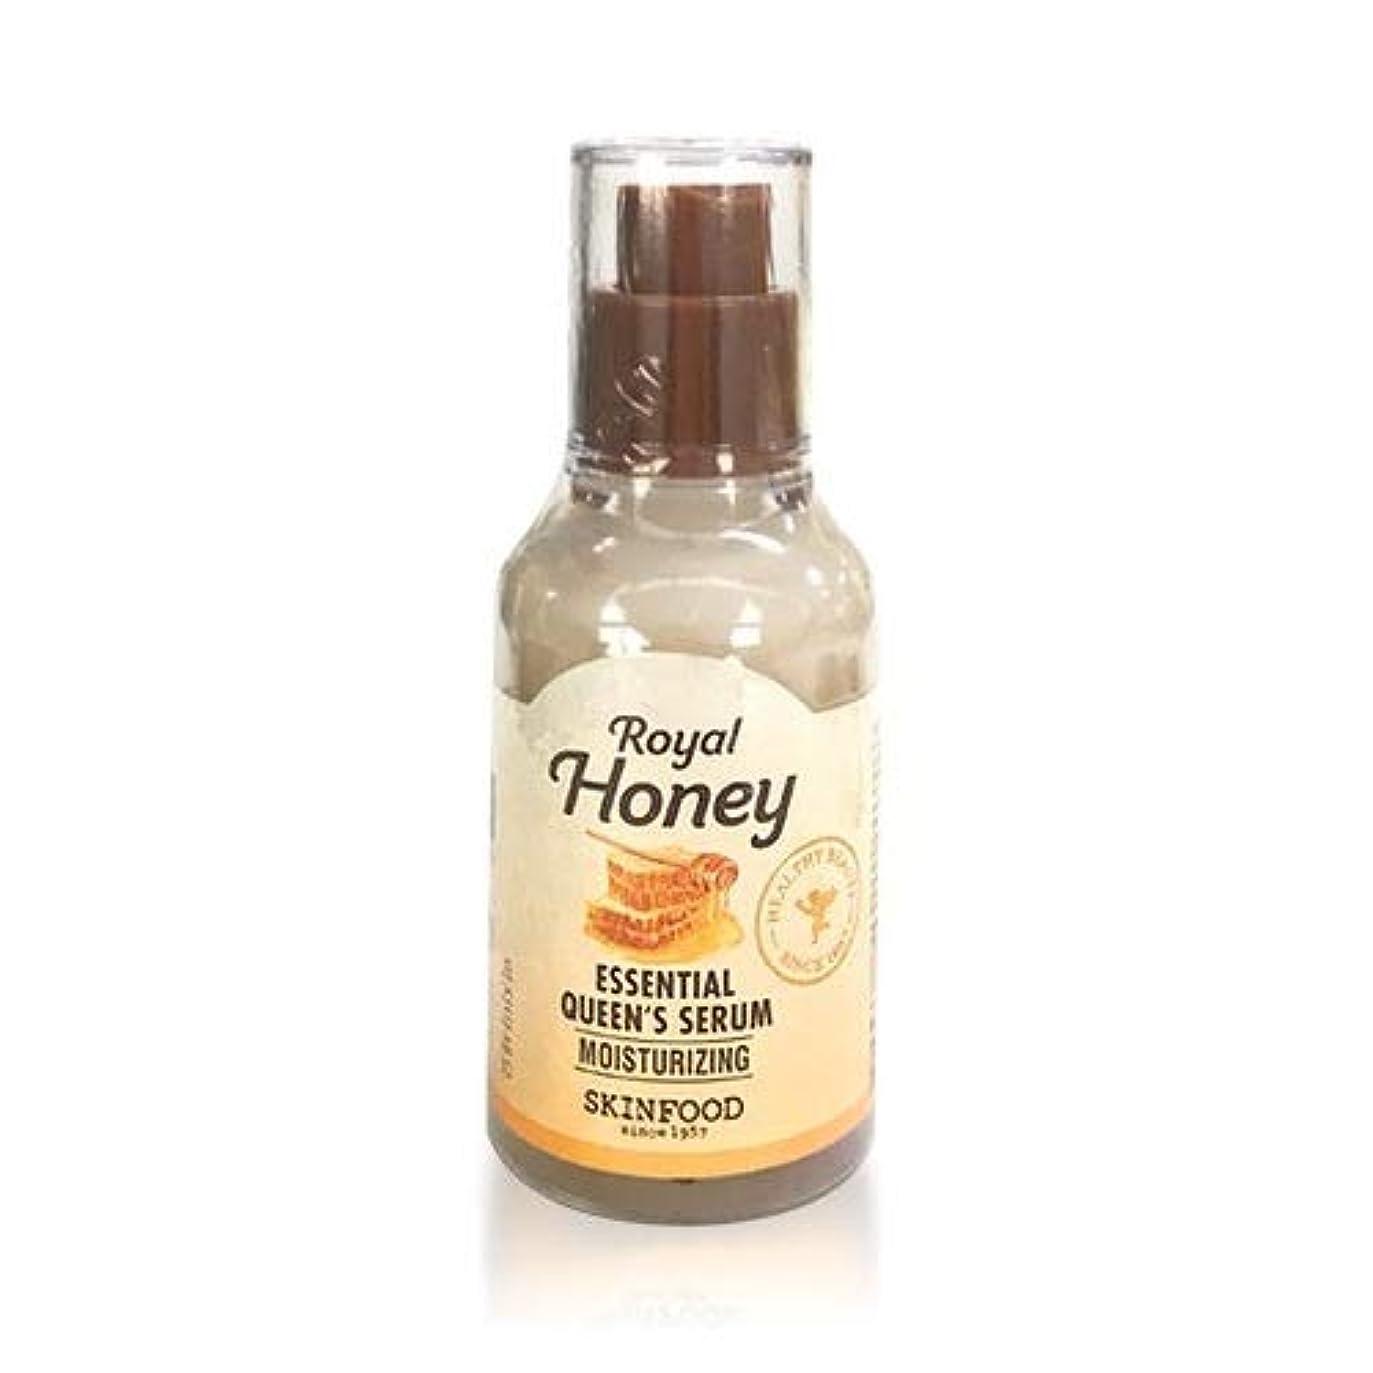 批判的にチェス区[リニューアル] スキンフード ロイヤルハニーエッセンシャル クィーンズセラム 美容液 50ml / SKINFOOD Royal Honey Essential Queen's Serum 50ml [並行輸入品]